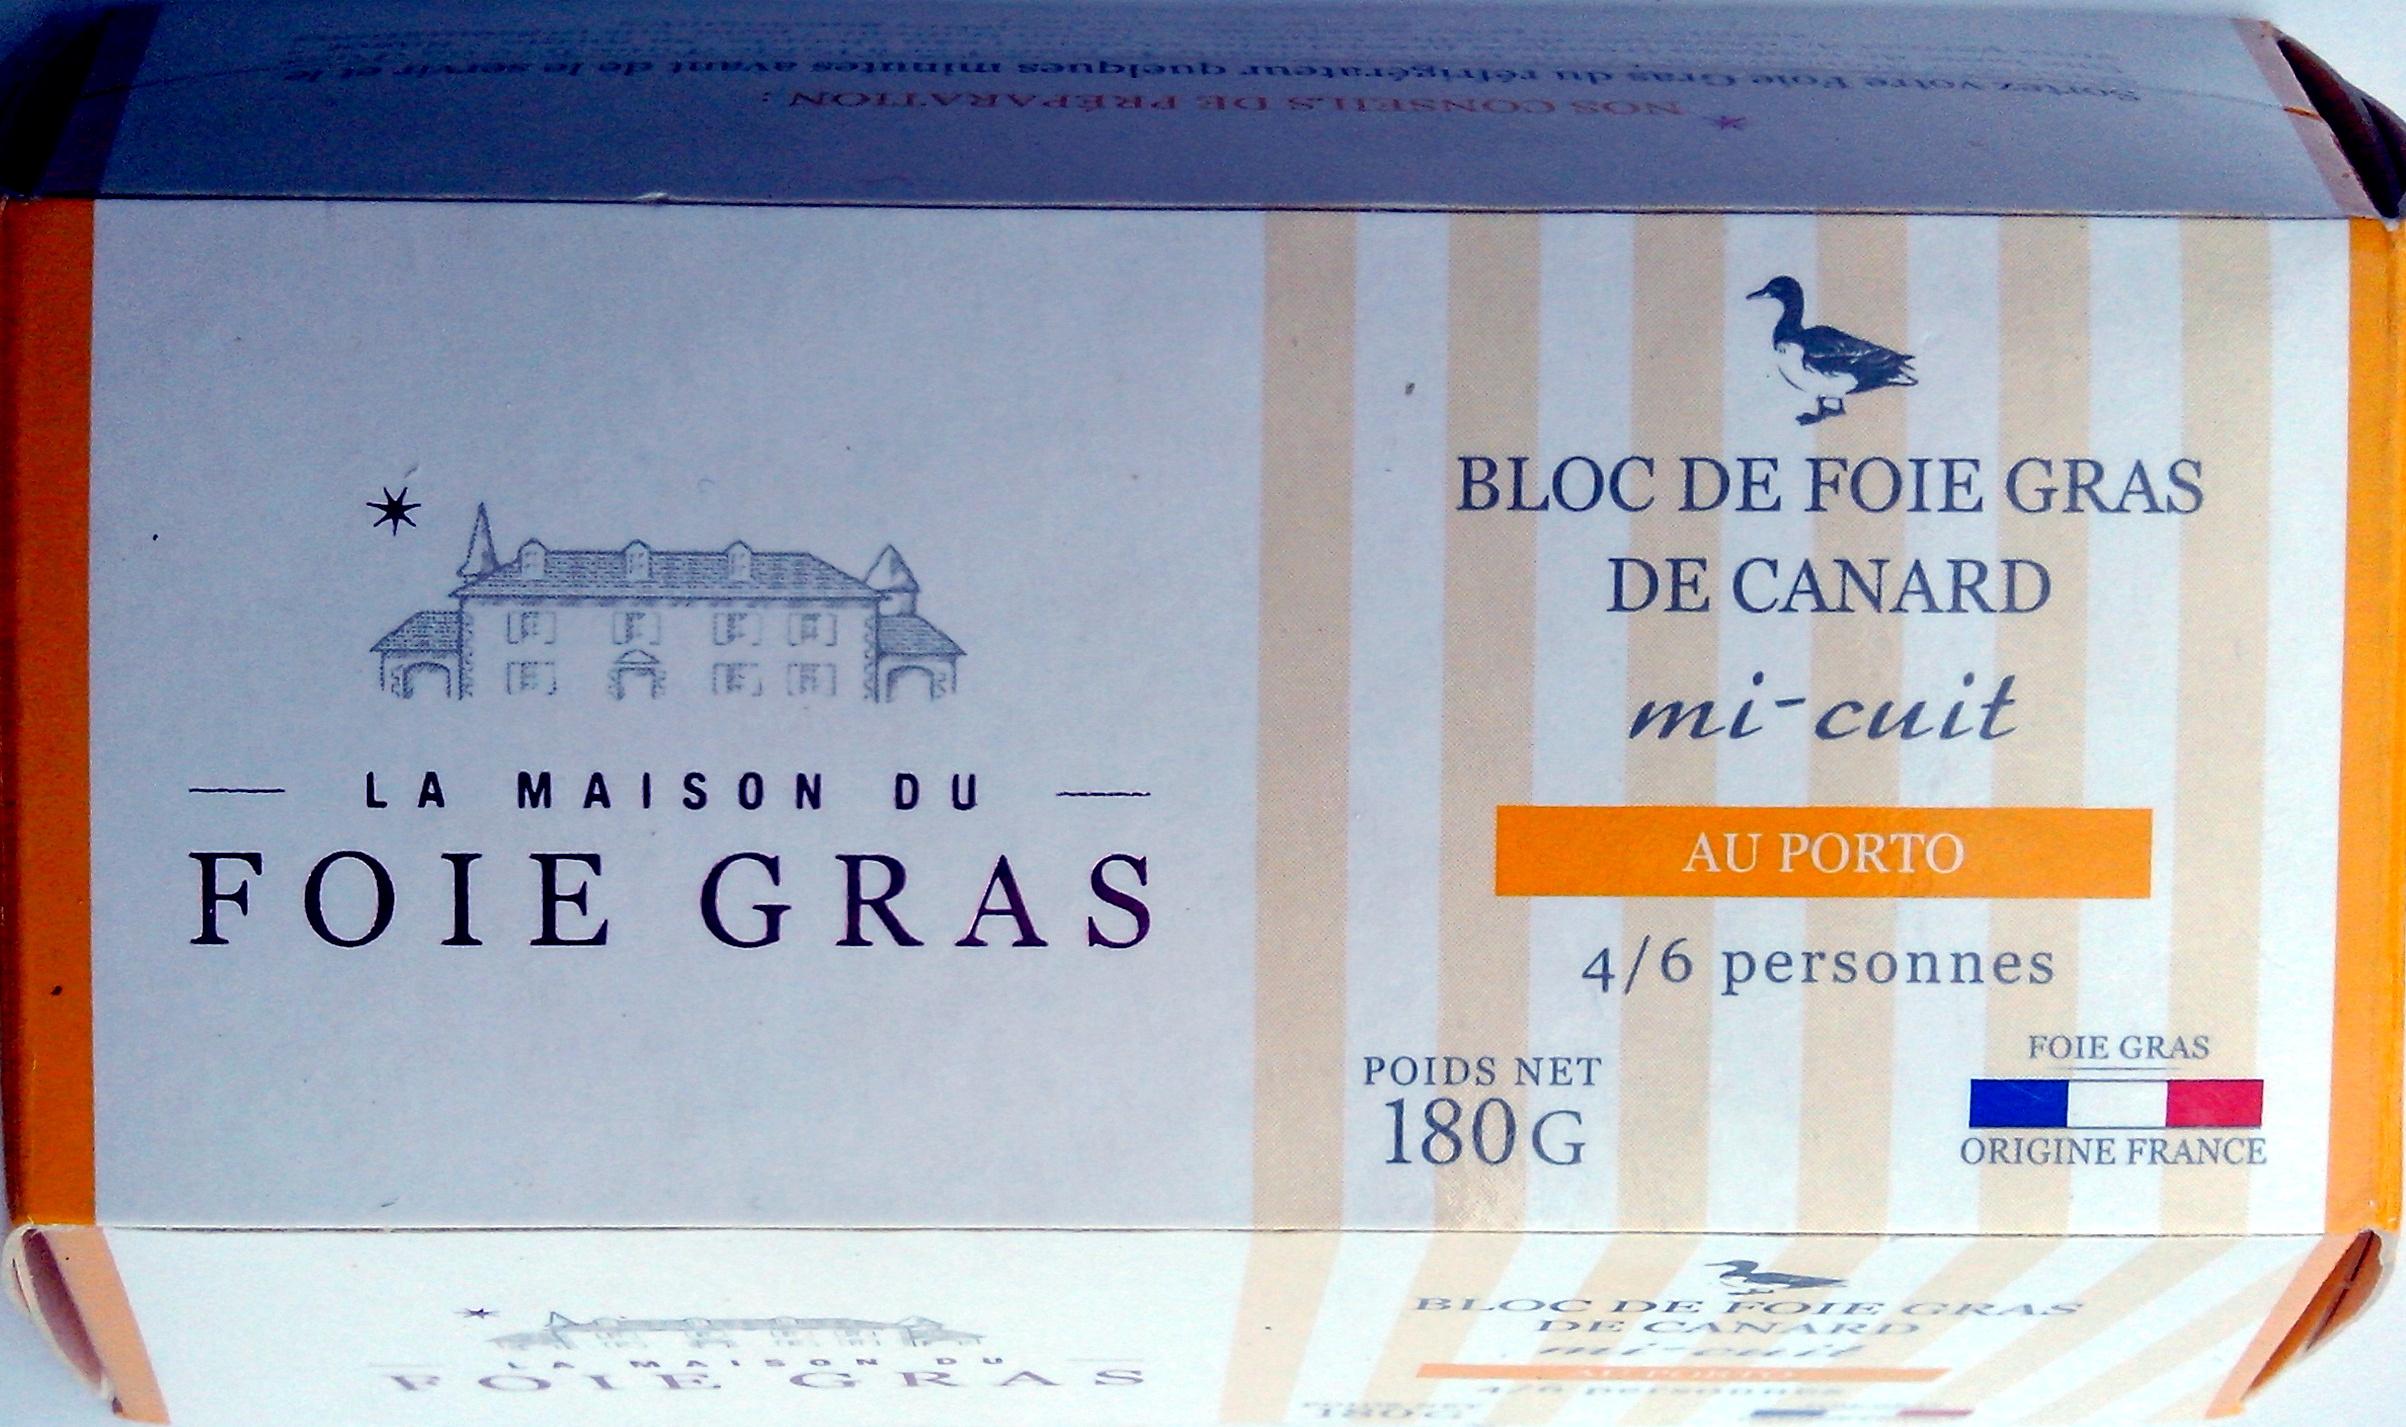 bloc de foie gras de canard au porto la maison du foie gras 180 g. Black Bedroom Furniture Sets. Home Design Ideas